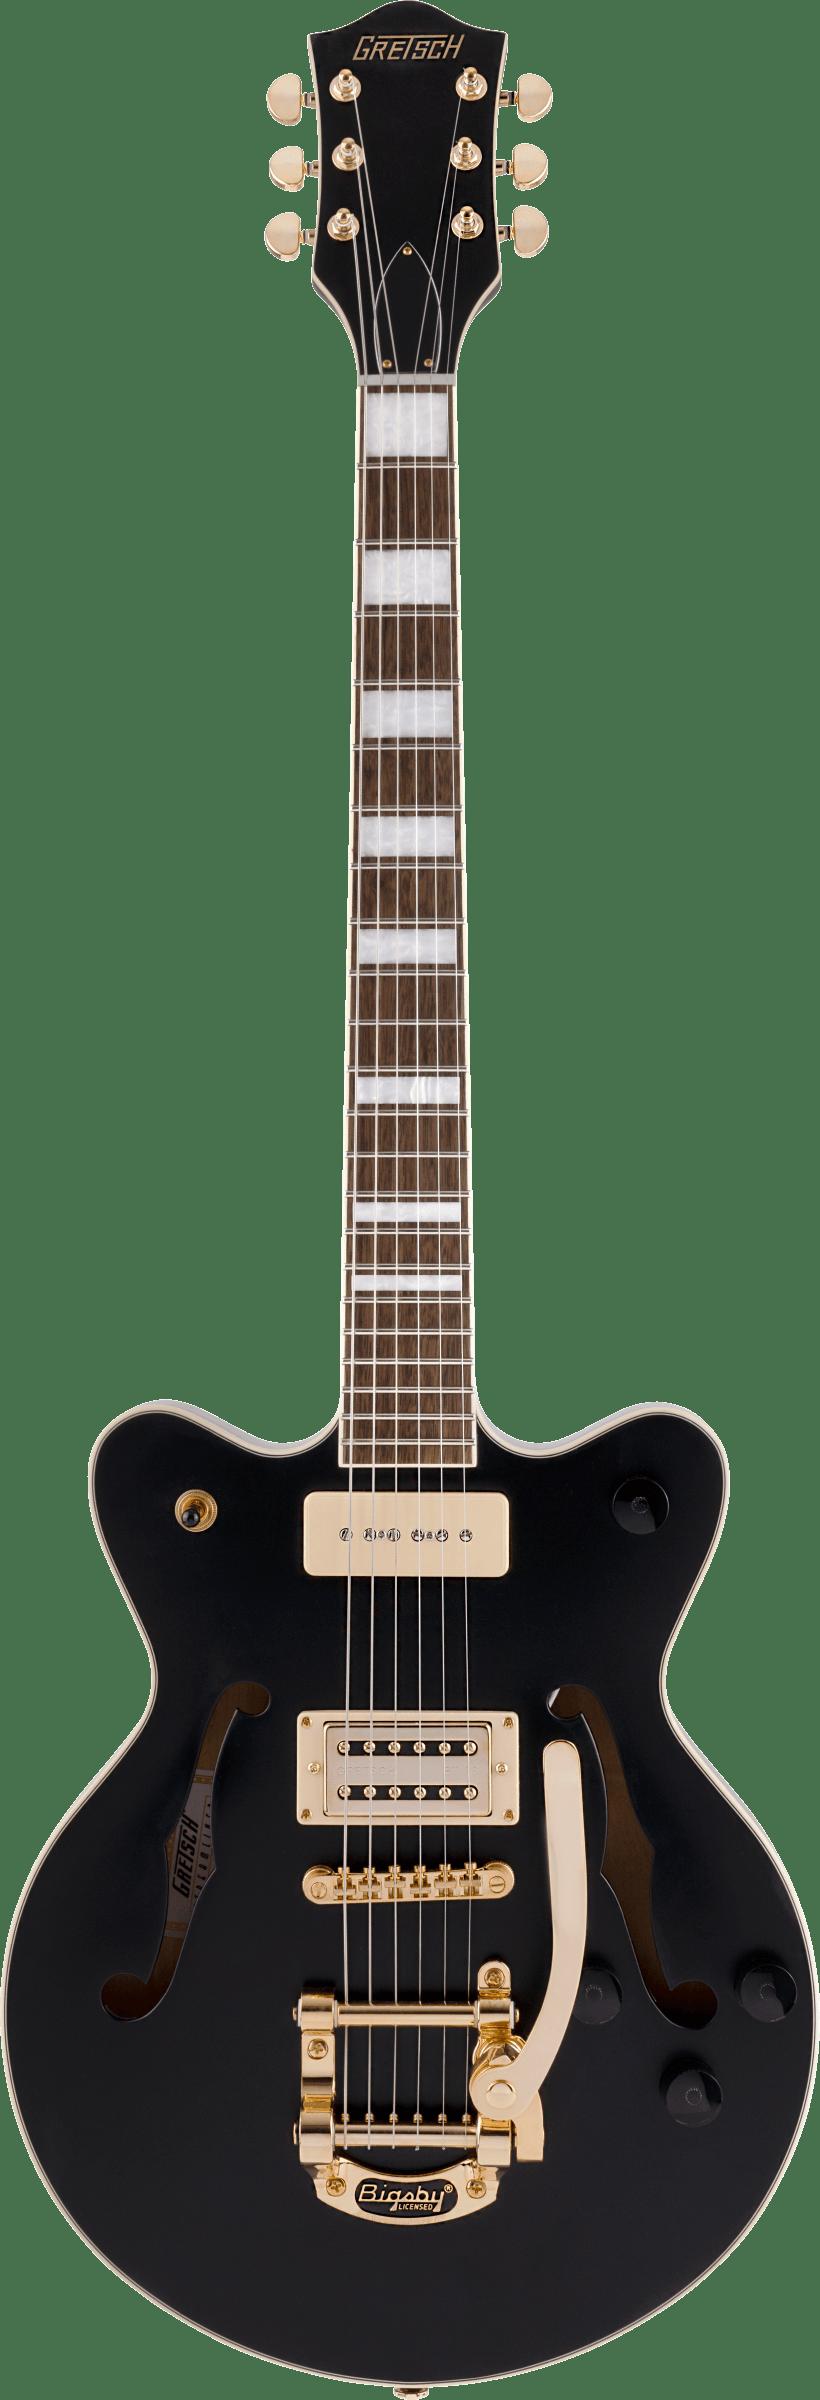 GRETSCH G2615 TG-P90